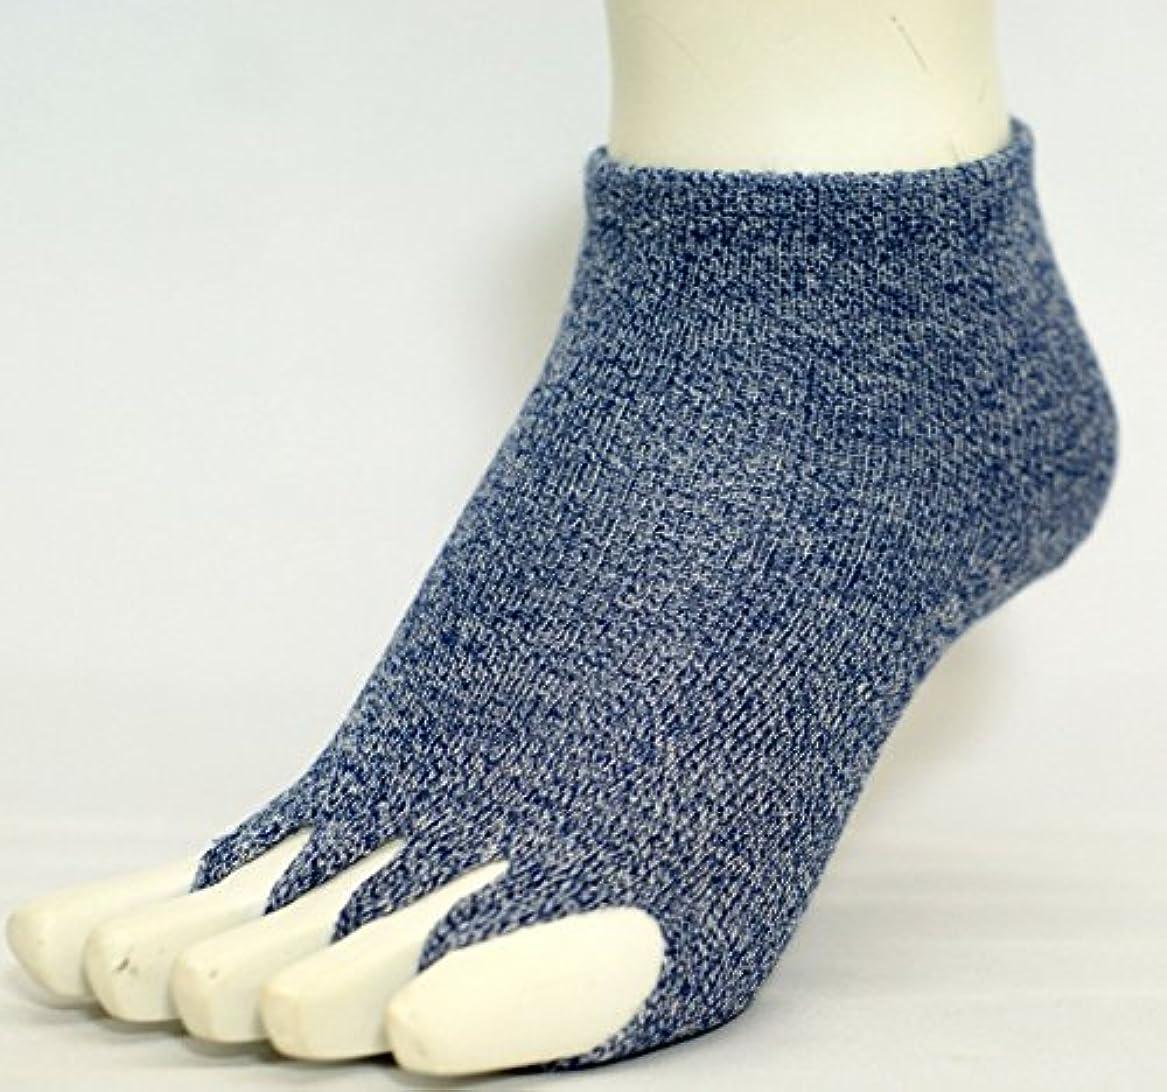 汚れた適用する変成器指なし健康ソックス 8色 4サイズ  冷え性?足のむくみ対策に 竹繊維の入った?  (21cm~23cm, 紺色)